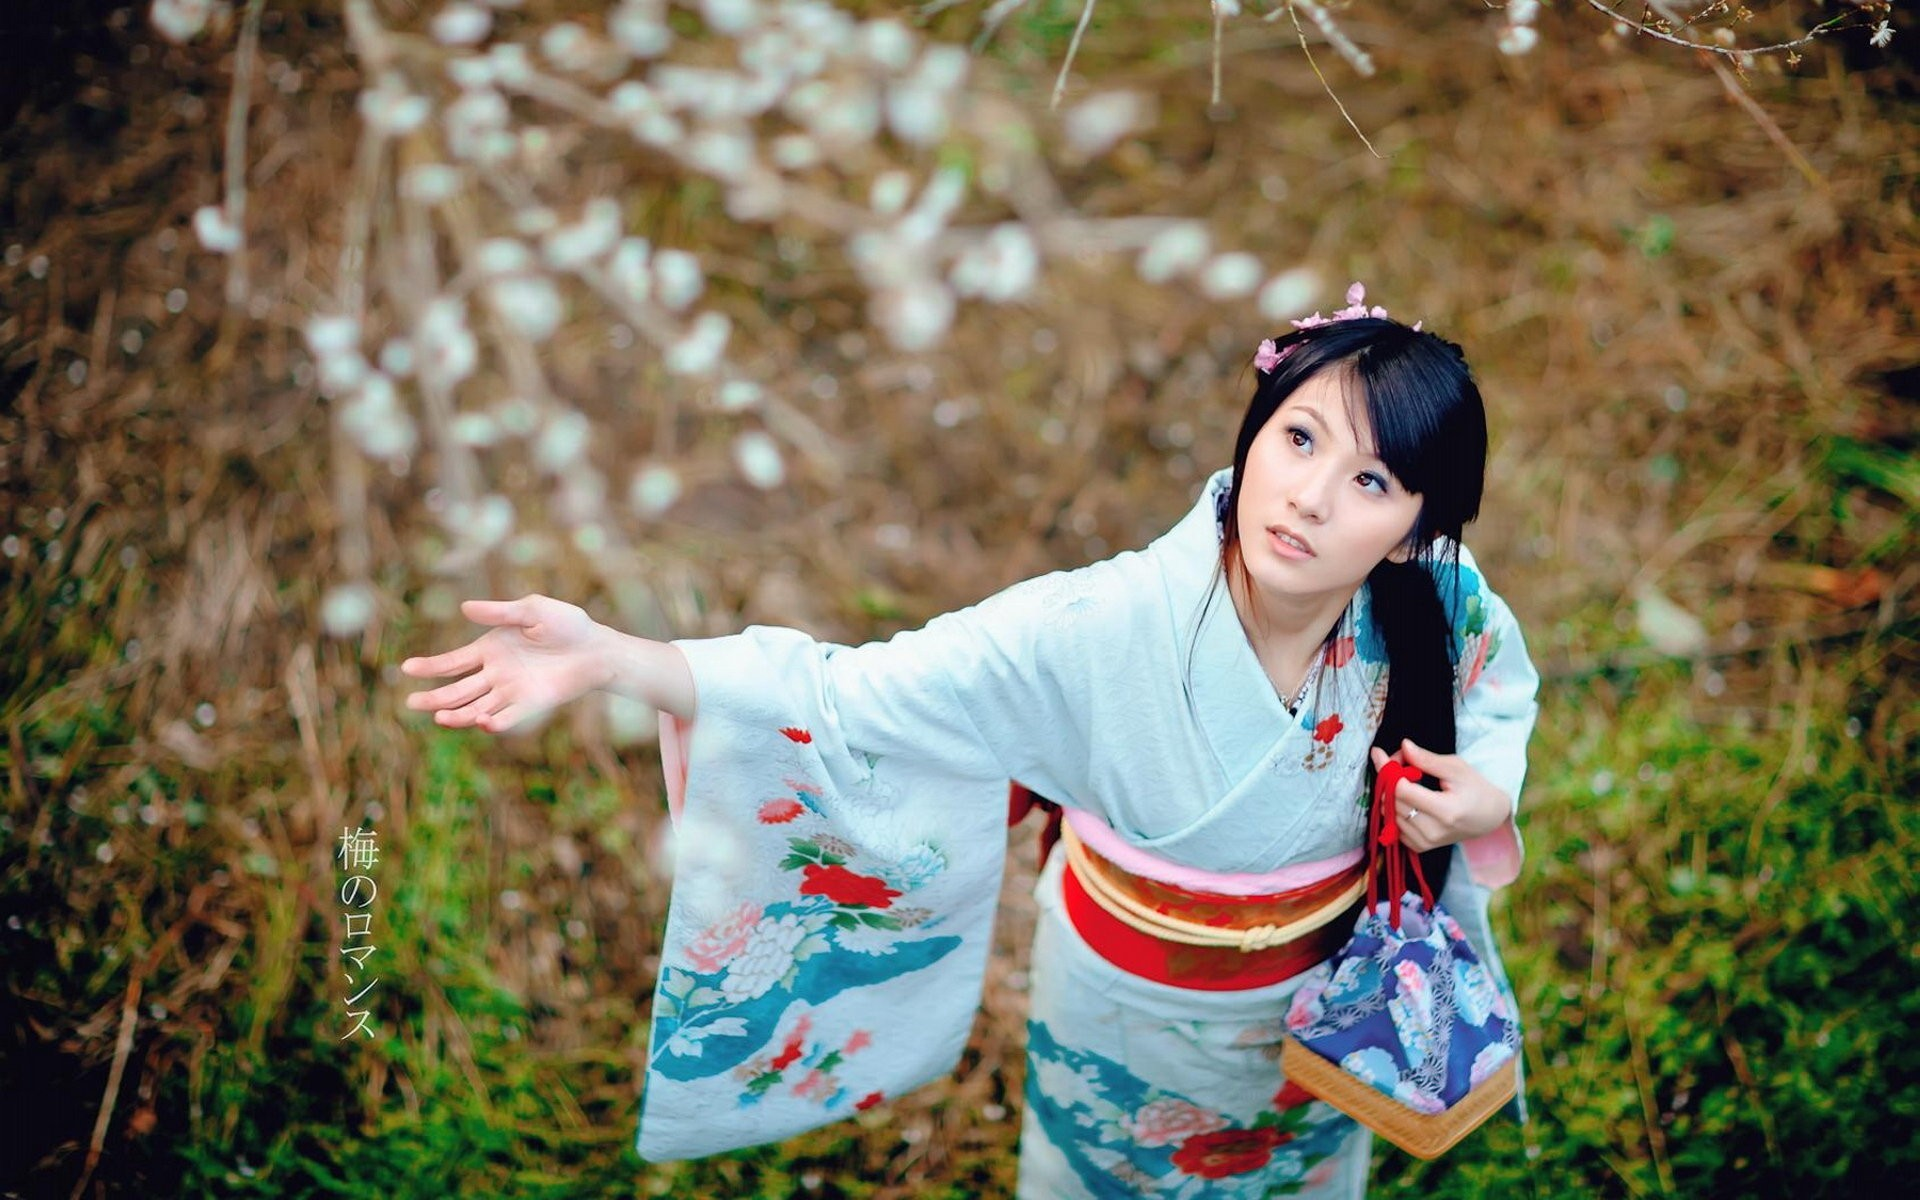 Res: 1920x1200, Bild: Mädchen im Kimono wallpapers and stock photos. «